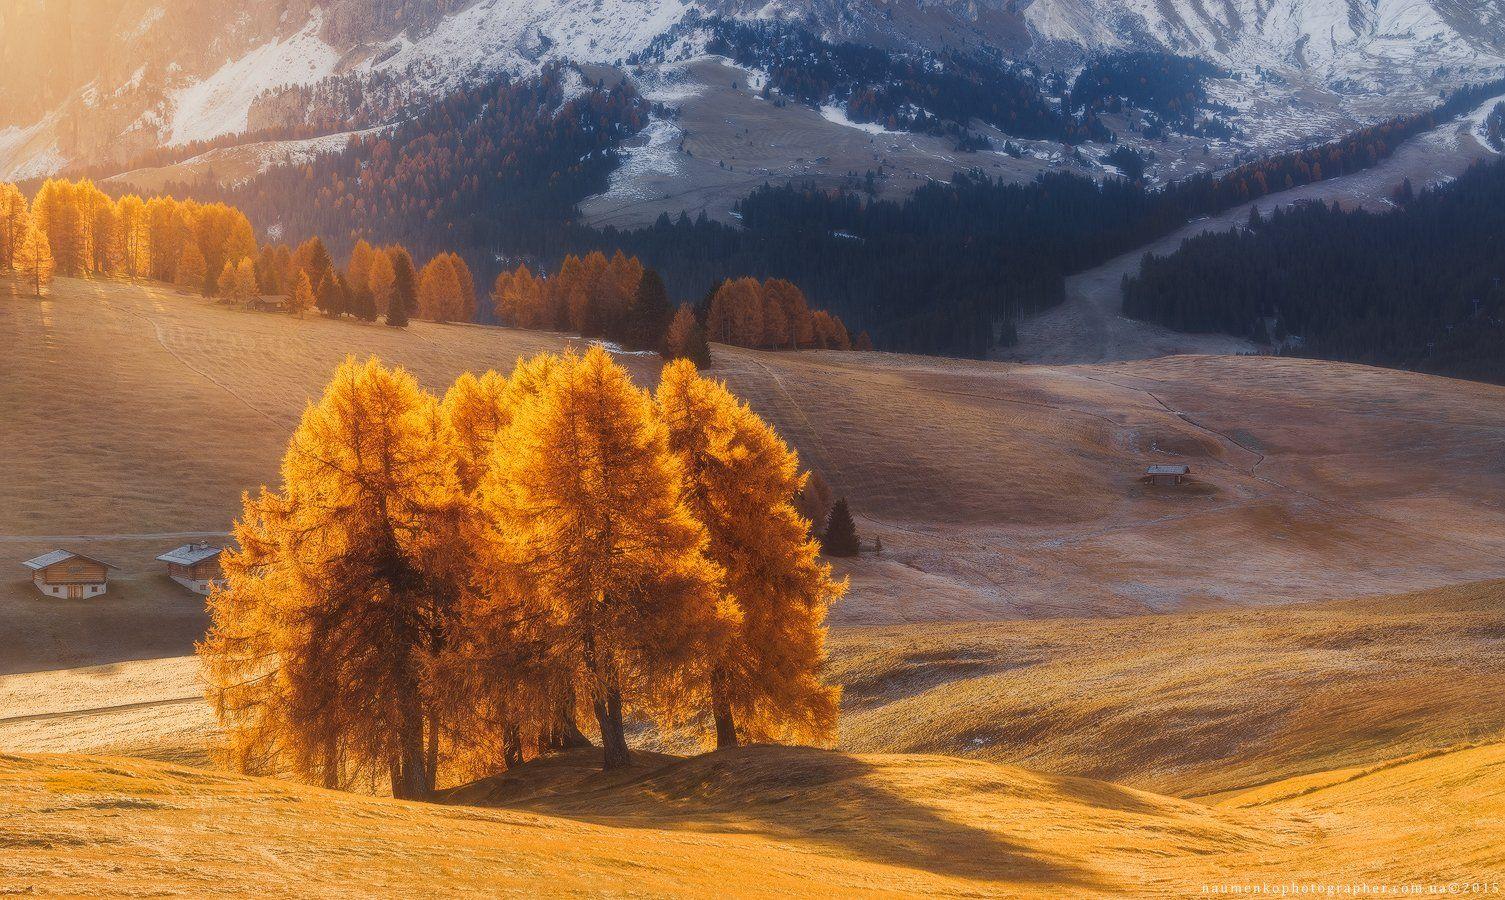 горы,доломиты,италия,лиственница,осень,панорама,свет,утро,alpe di siusi, Александр Науменко